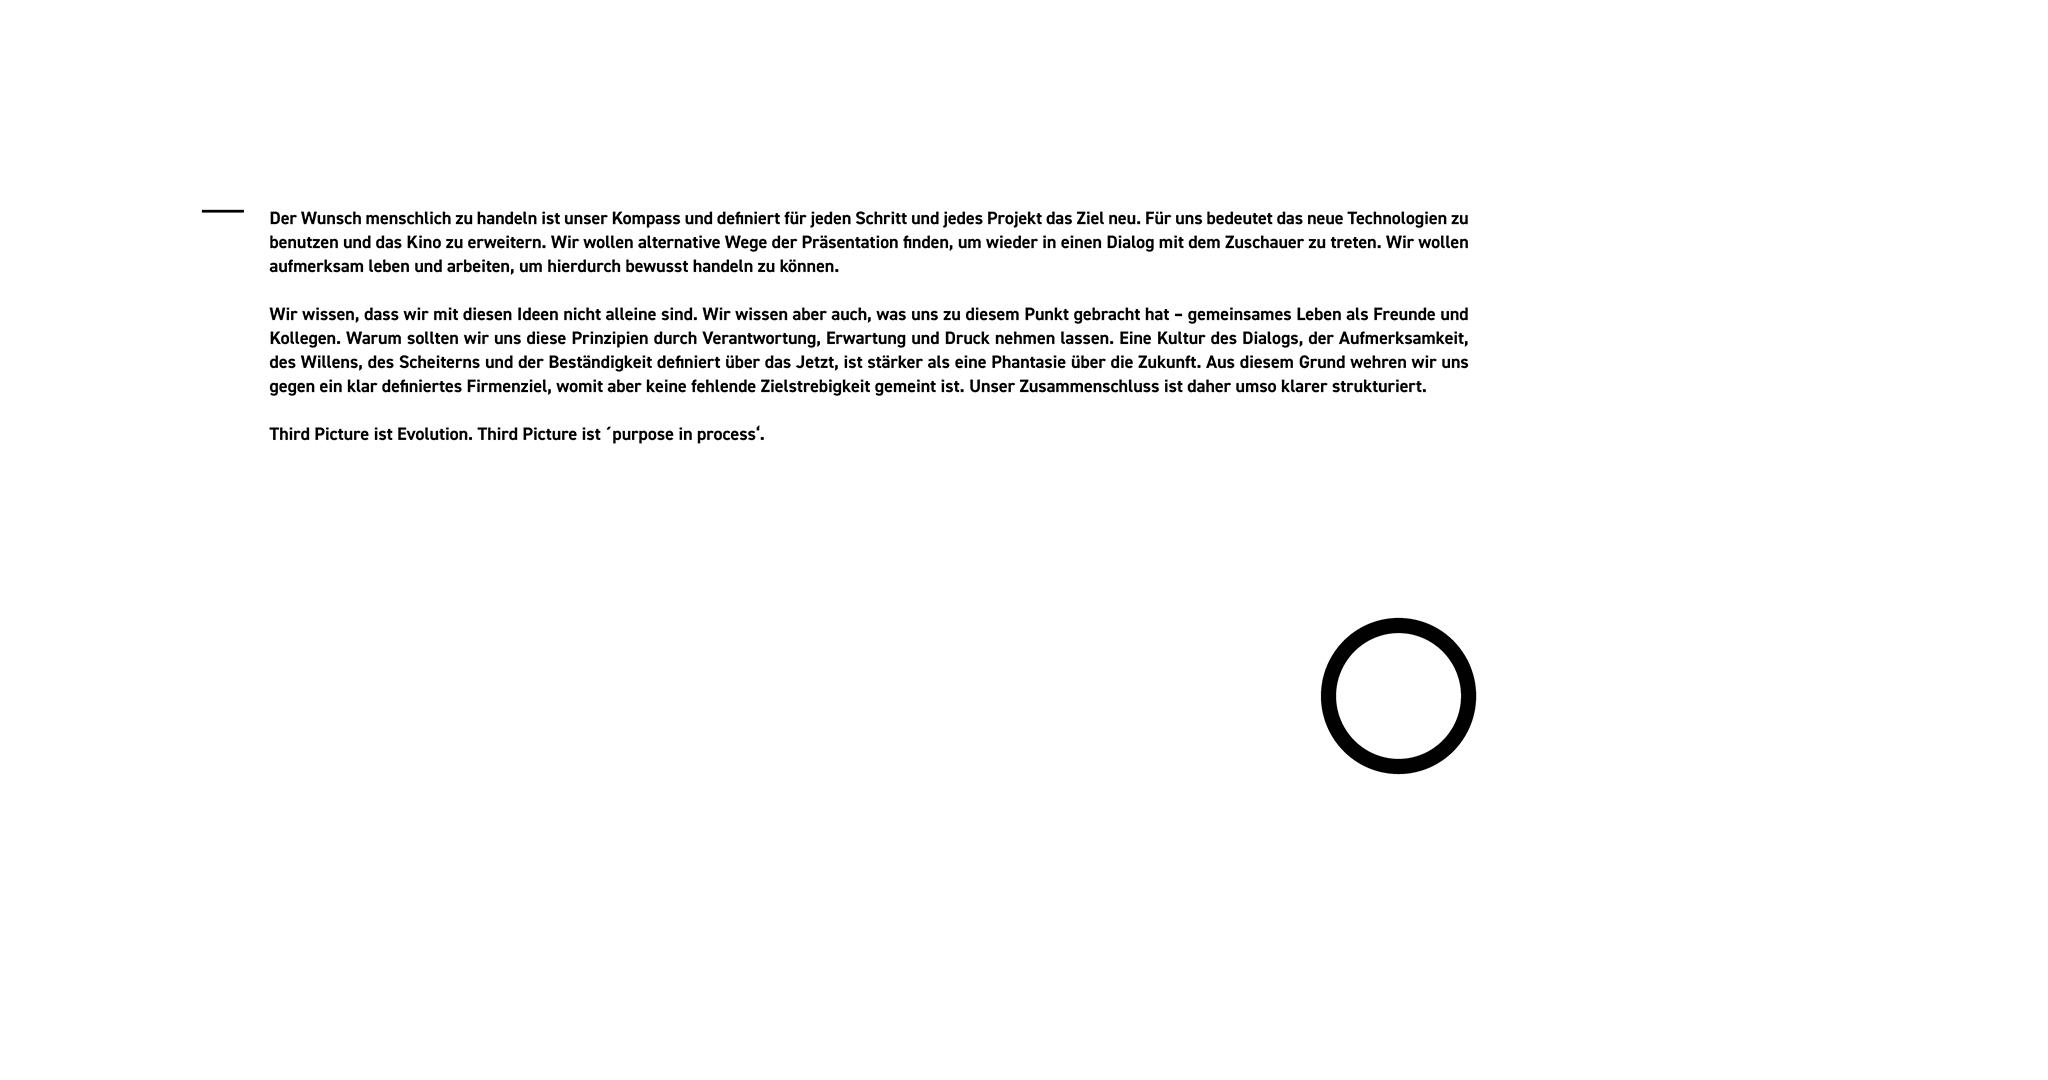 100512_tp_mappe_idee_01_Seite_09.jpg